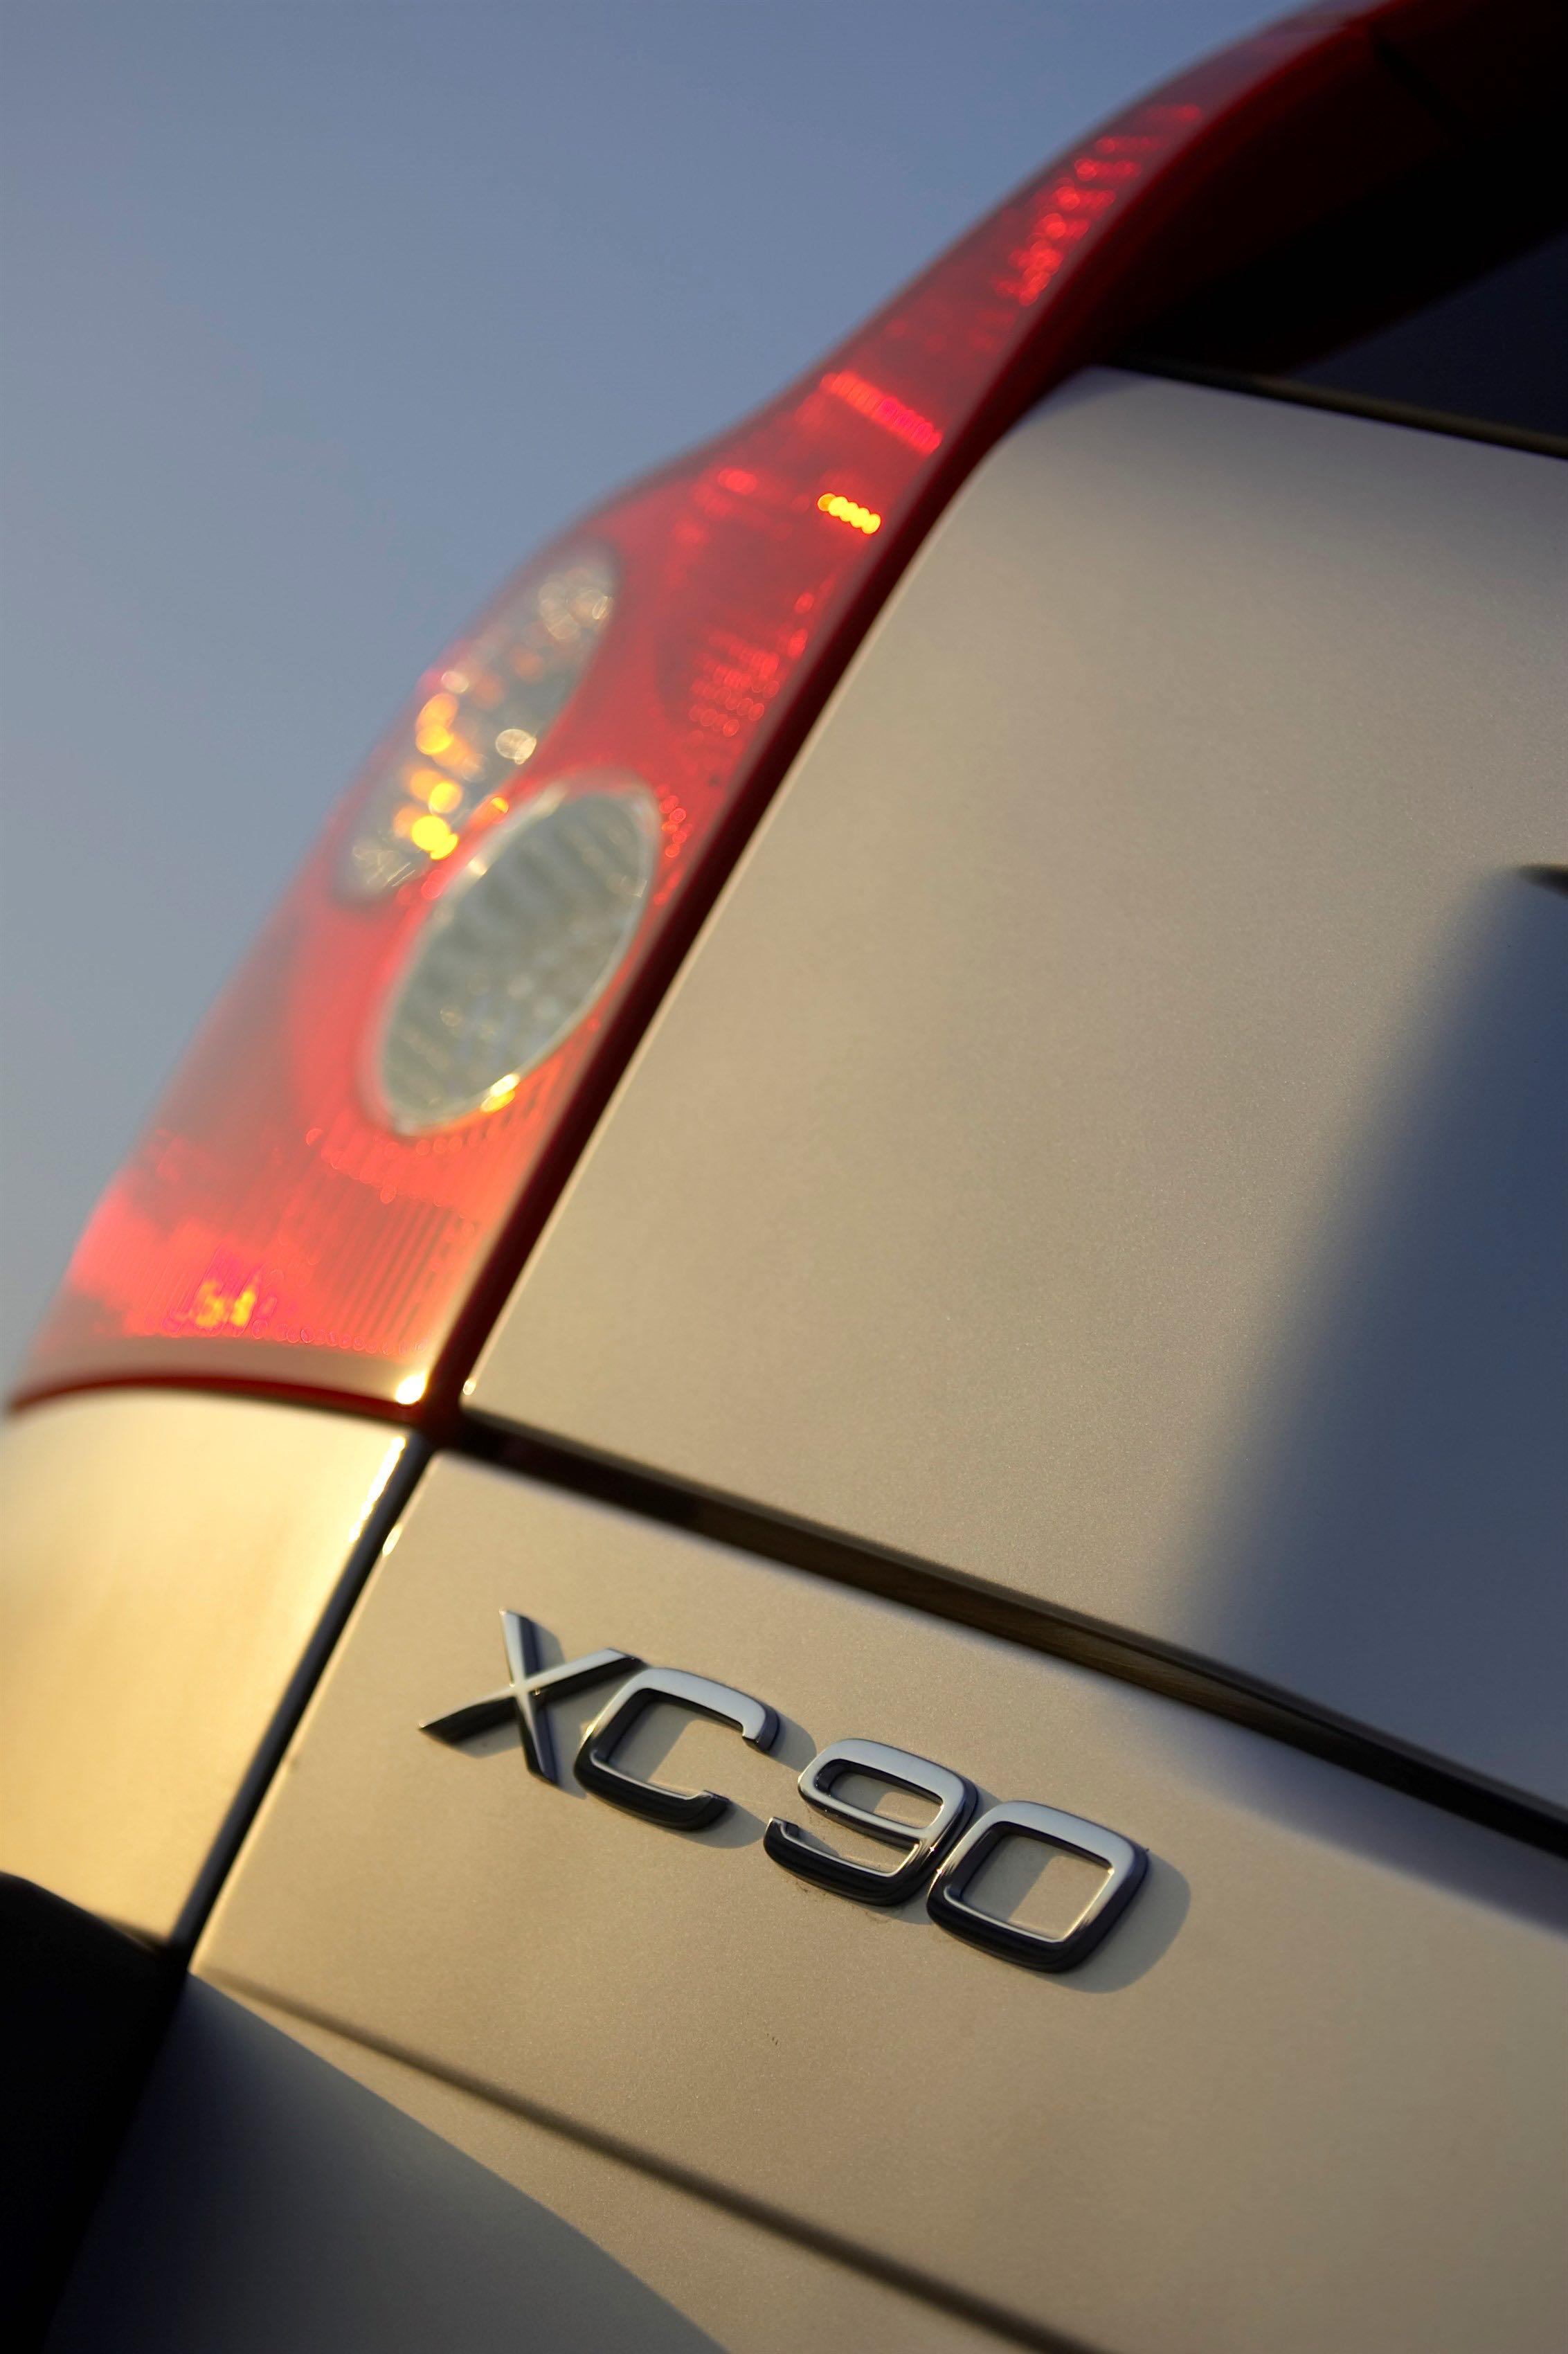 Volvo XC90 V8 -  silver, taillight, XC90 V8